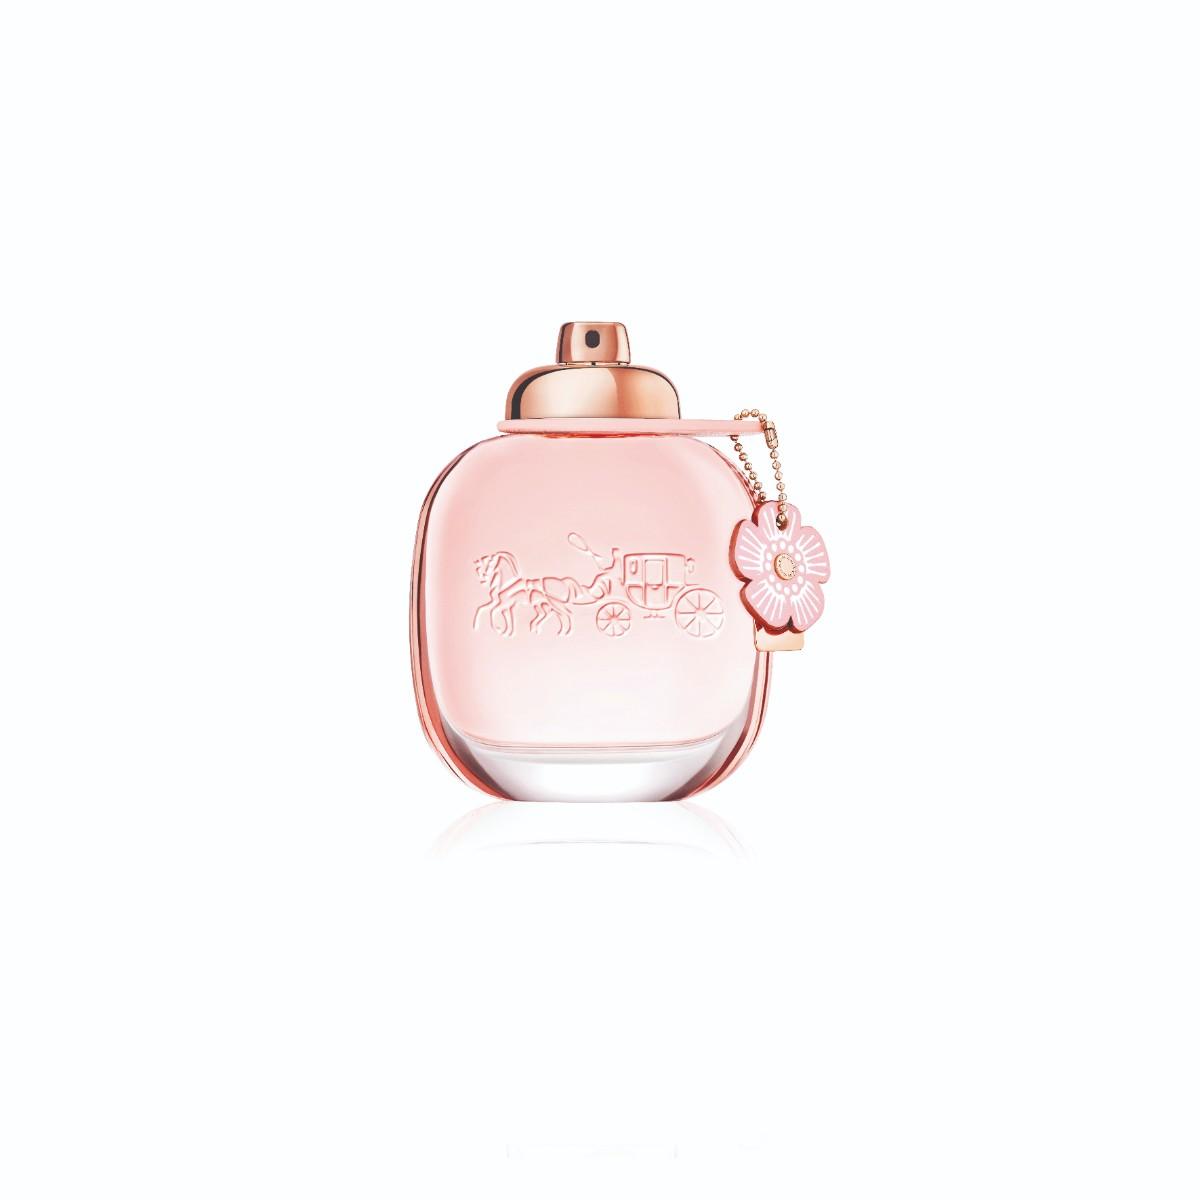 Coach Floral, eau de parfum, 90ml, € 100, Coach